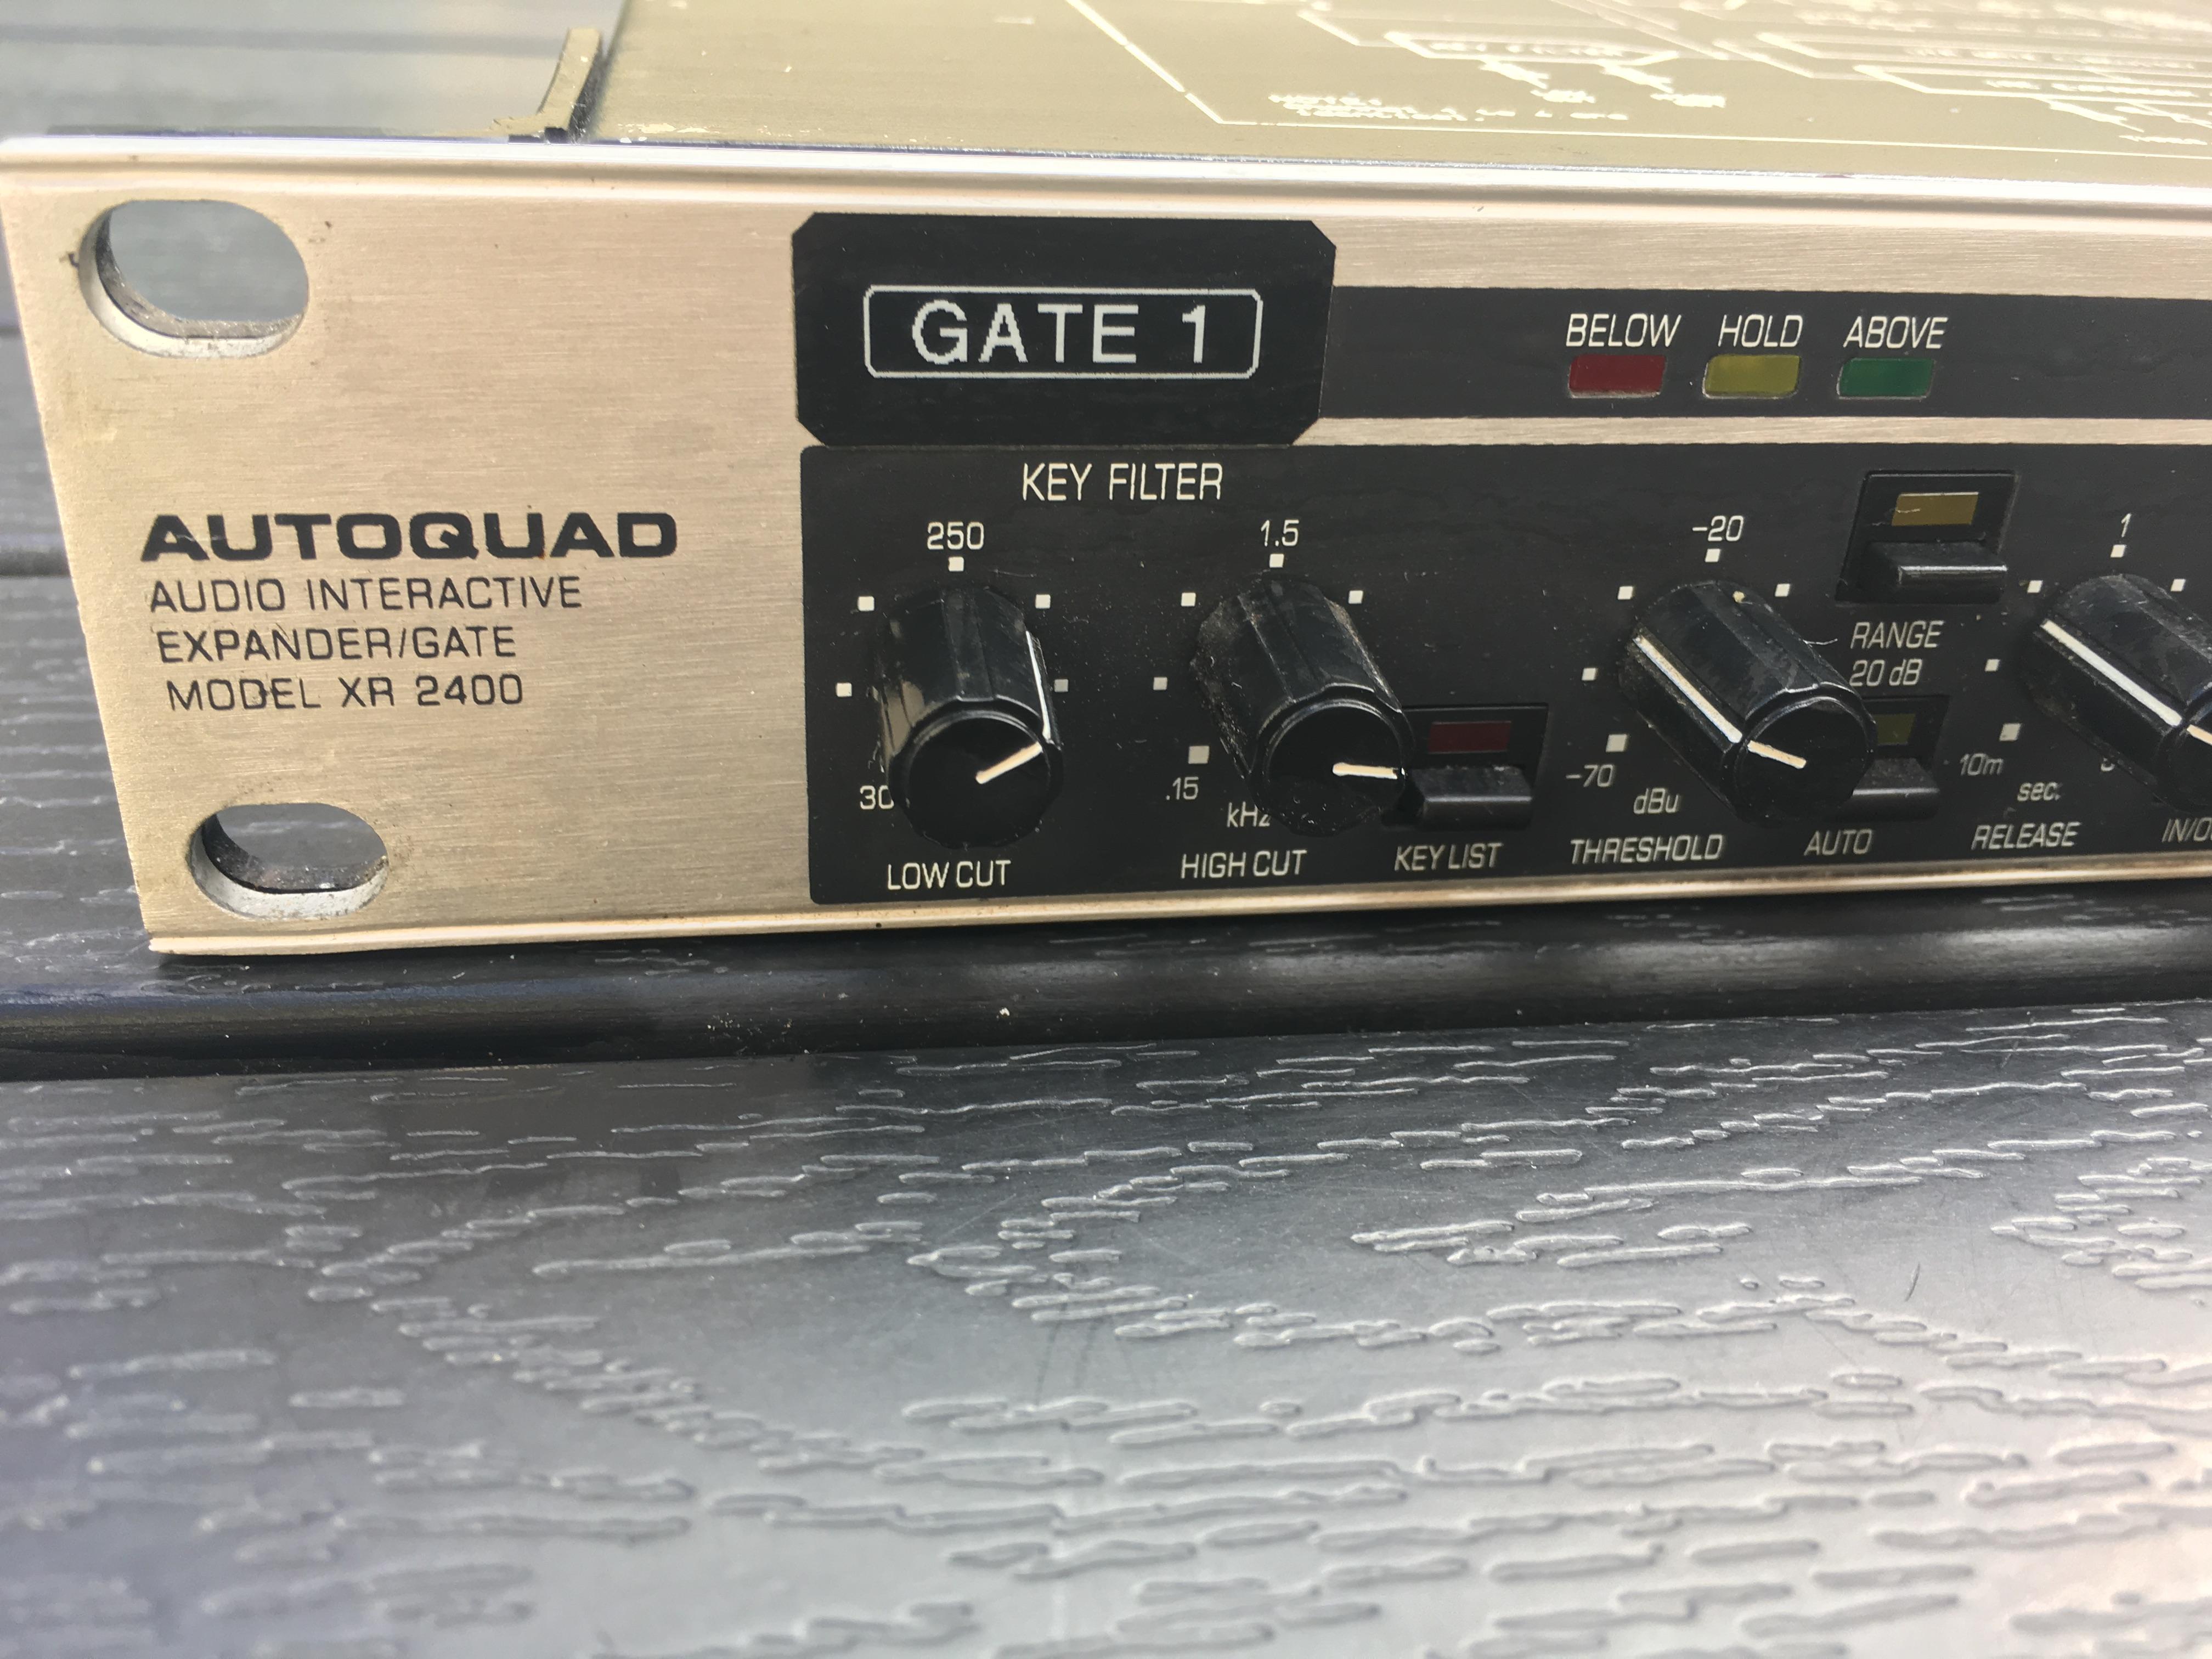 behringer autoquad xr2400 image 1996741 audiofanzine rh en audiofanzine com Behringer Mixer User Manuals Bass Behringer V-Amp Pro Manual